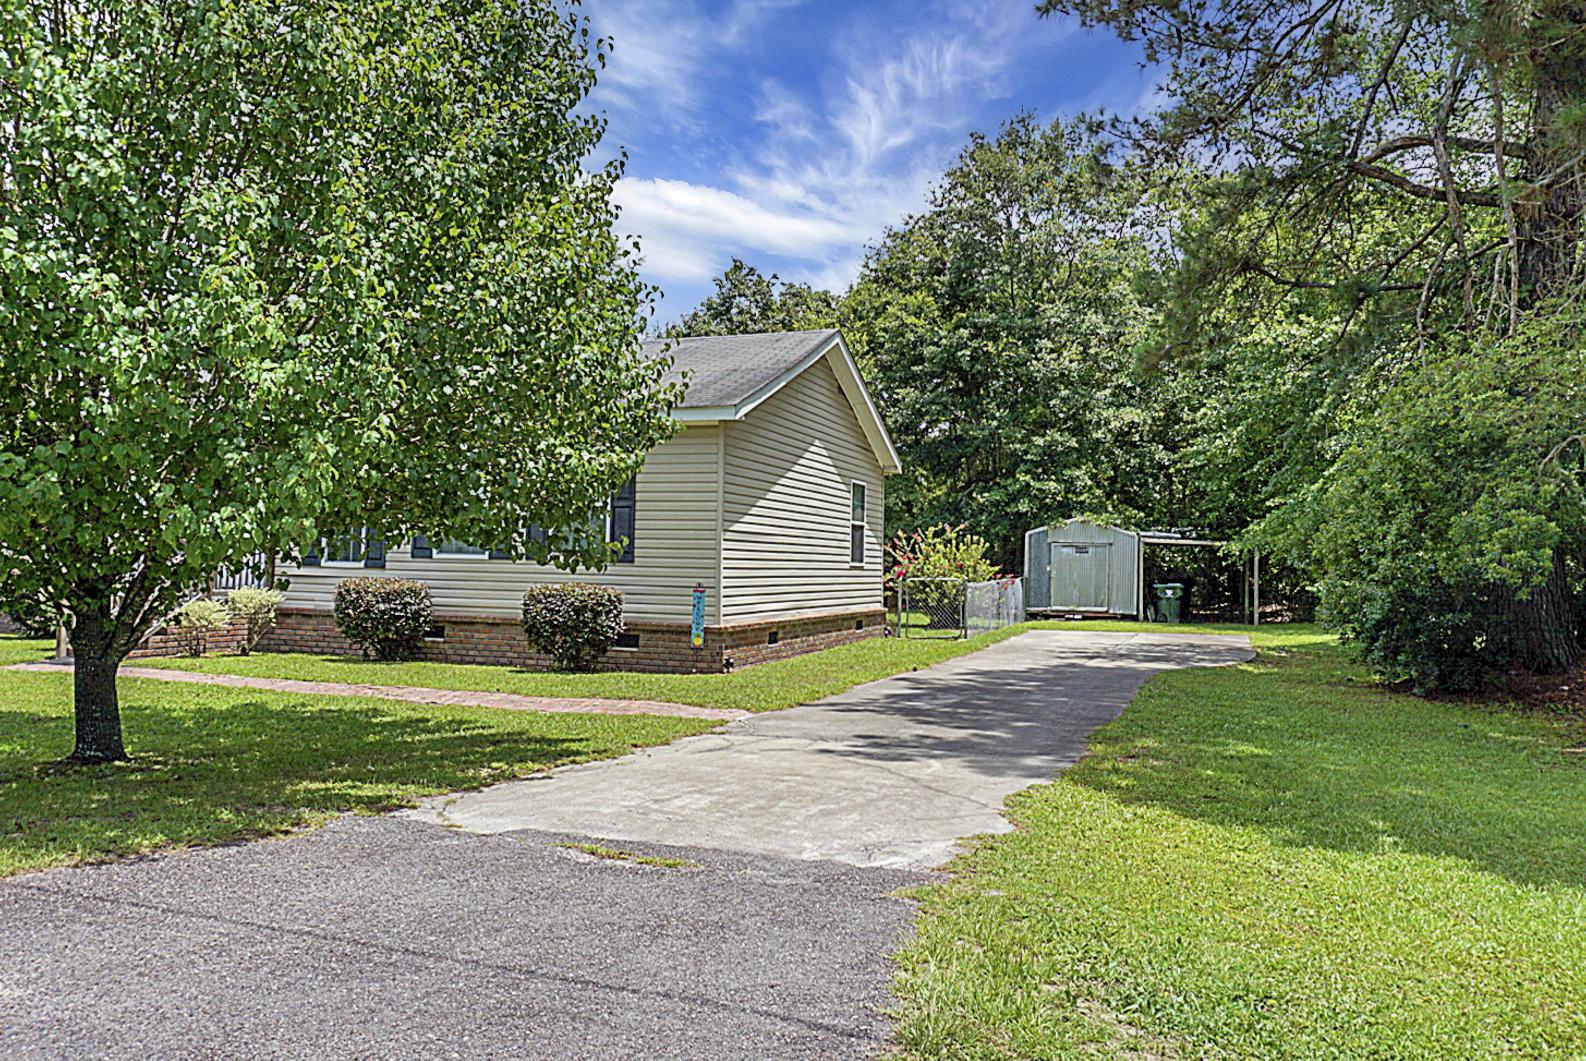 Bonneau Village Homes For Sale - 136 Dawsey, Bonneau, SC - 29